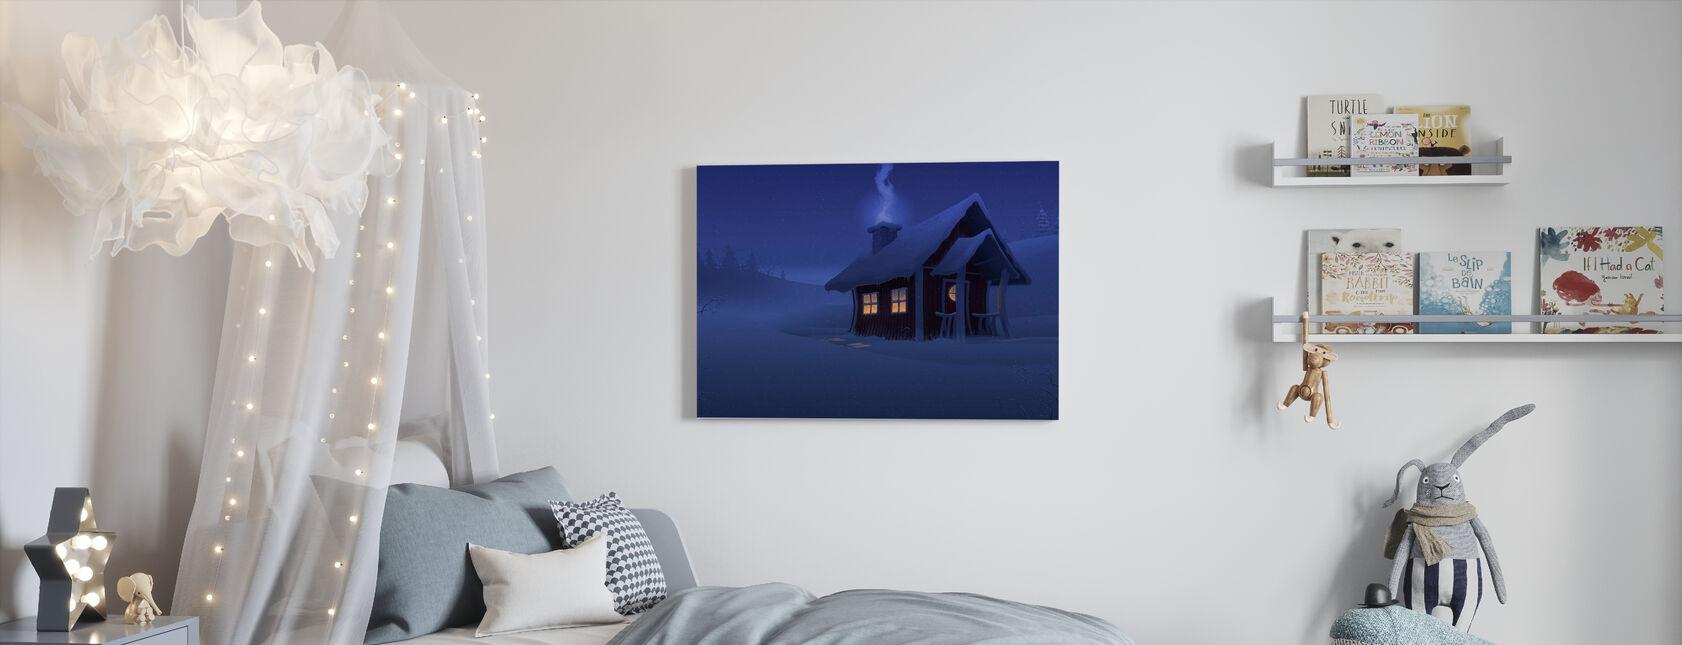 Maison de Noël - Impression sur toile - Chambre des enfants